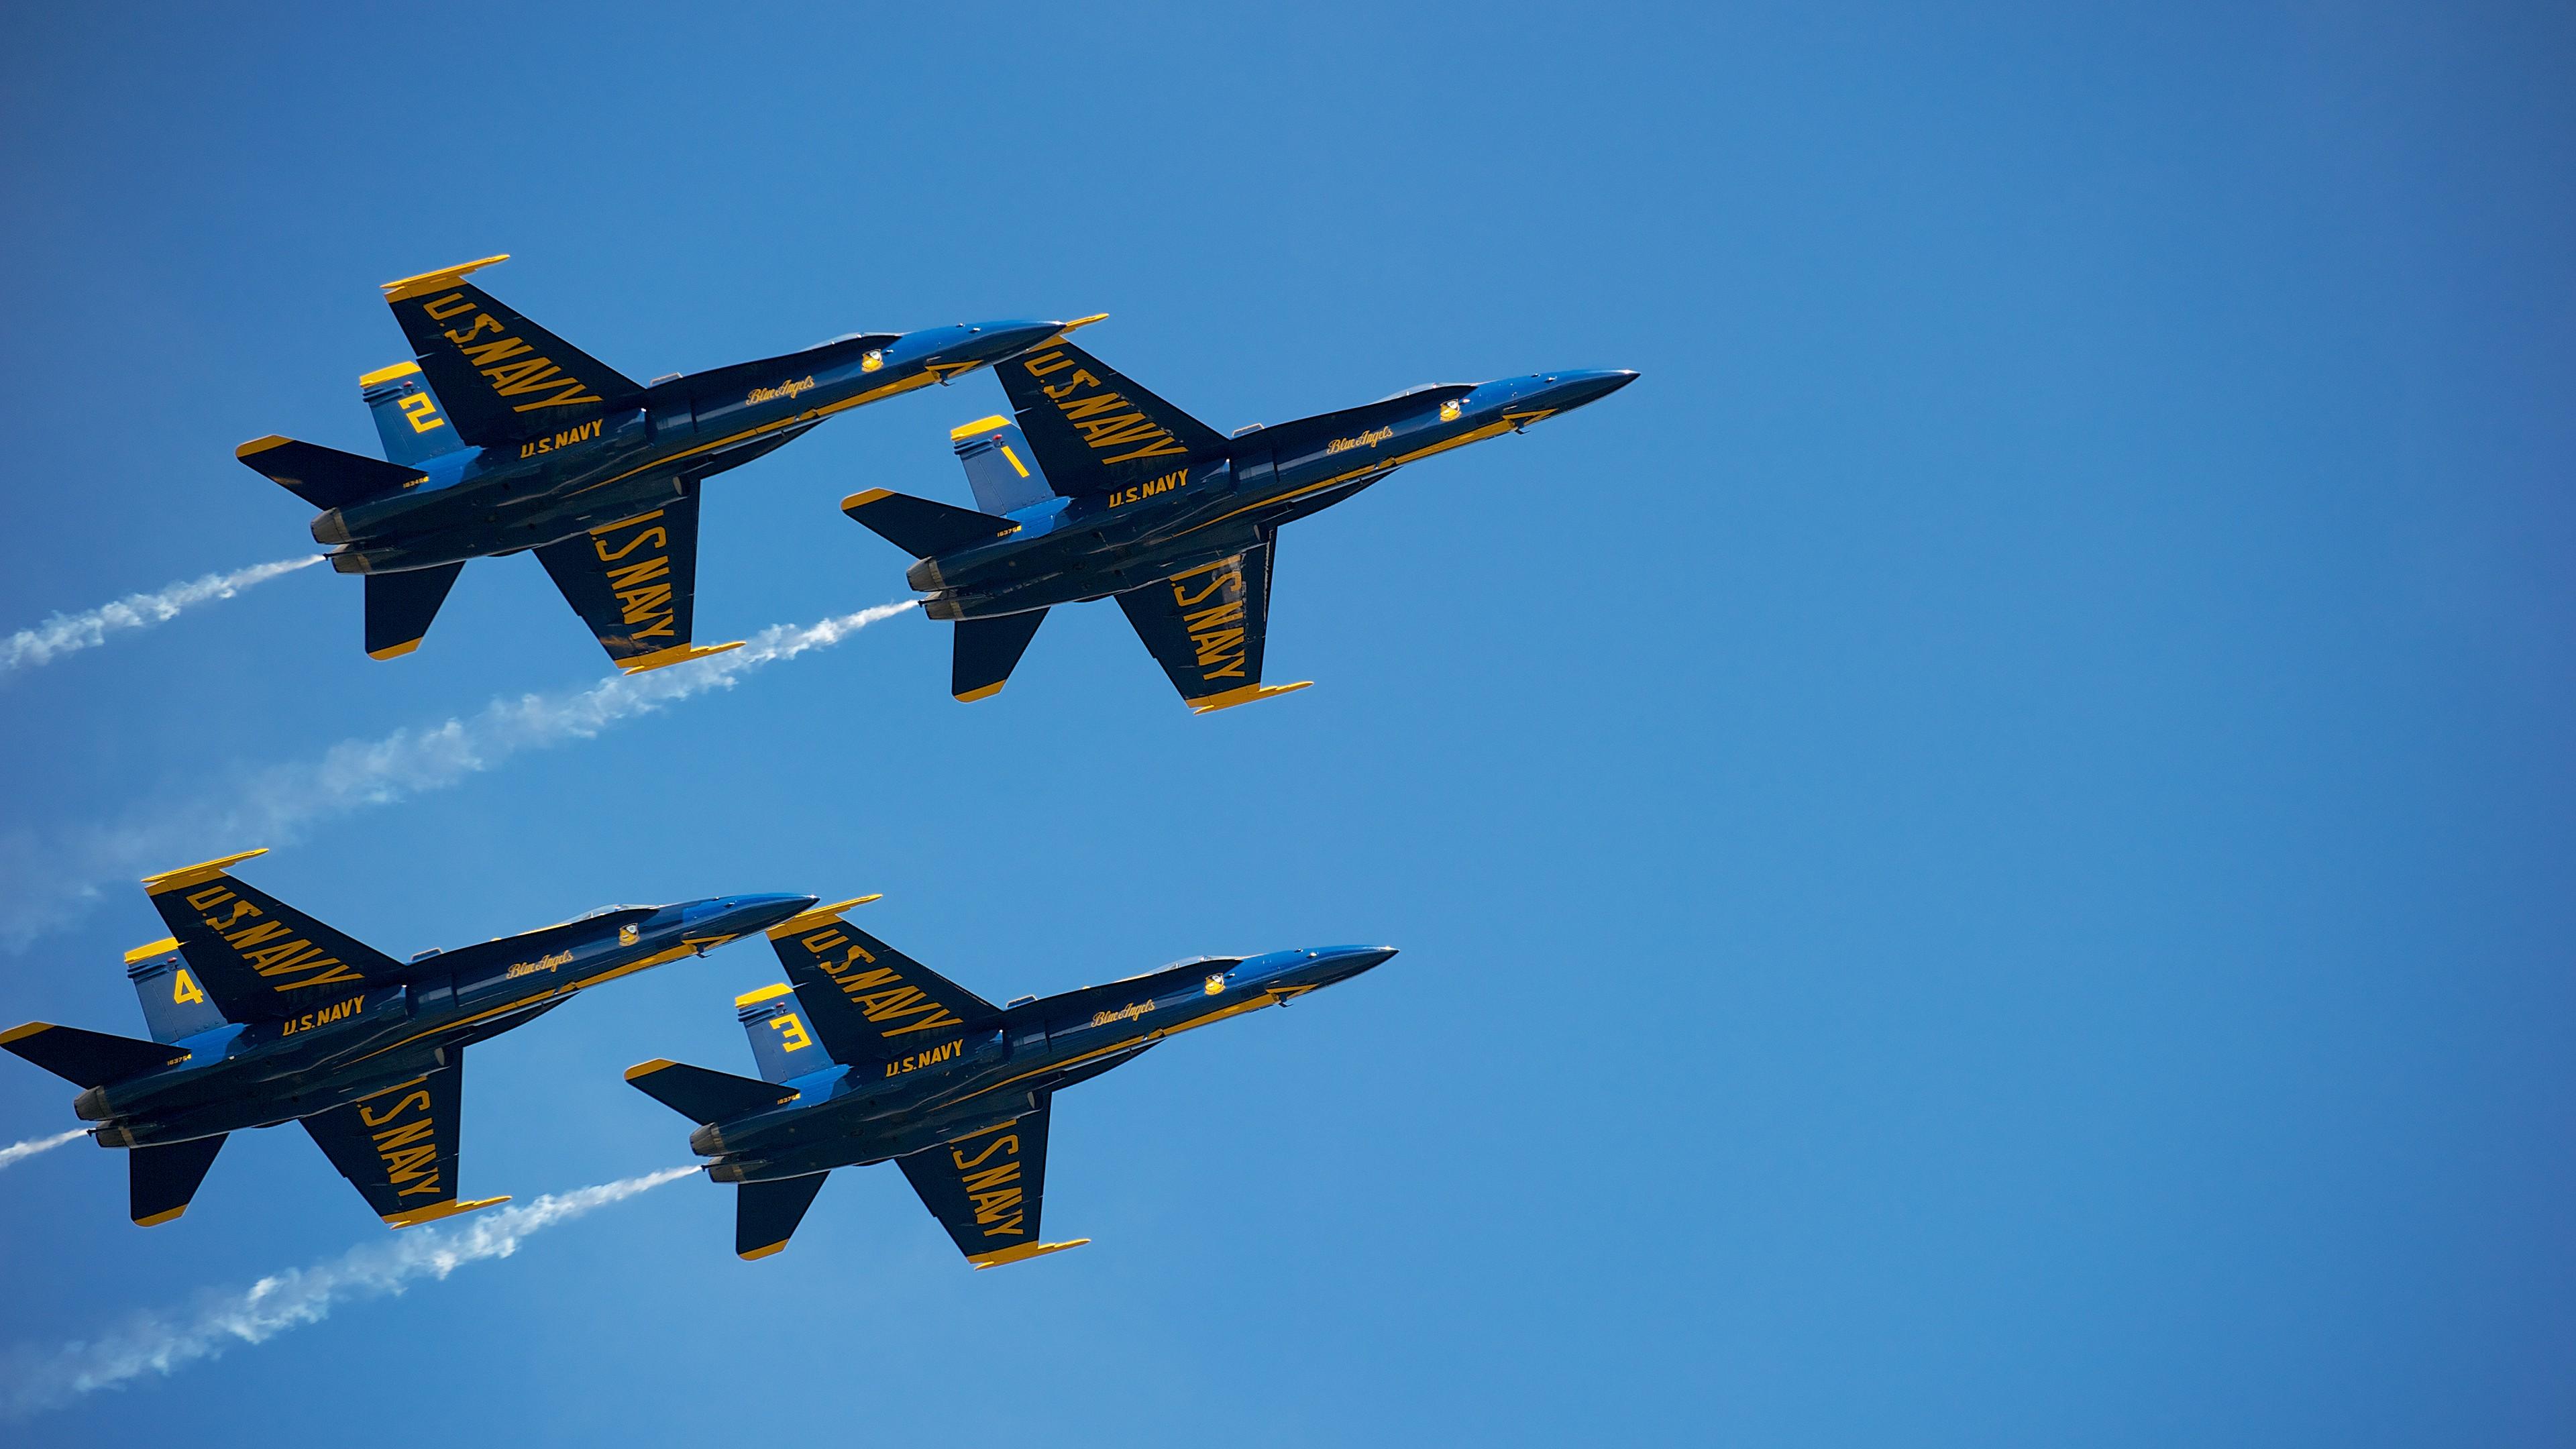 Пилотажные военные самолеты Голубые ангелы в синем солнечном небе